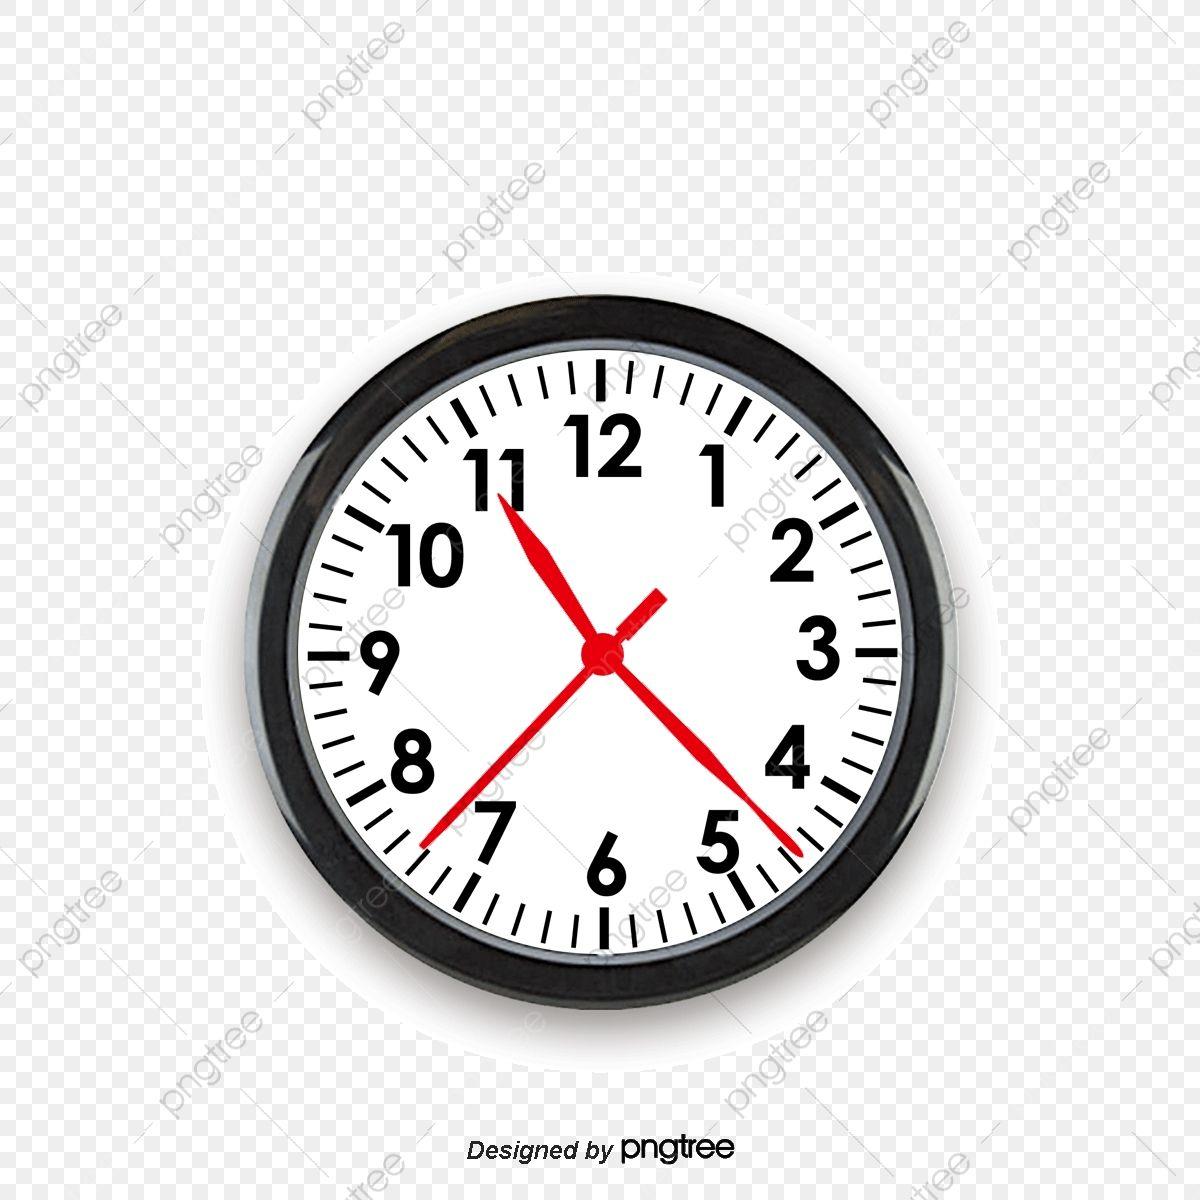 ساعة الحائط ساعة حائط راقب جرس Png وملف Psd للتحميل مجانا Wall Clock Clock Wall